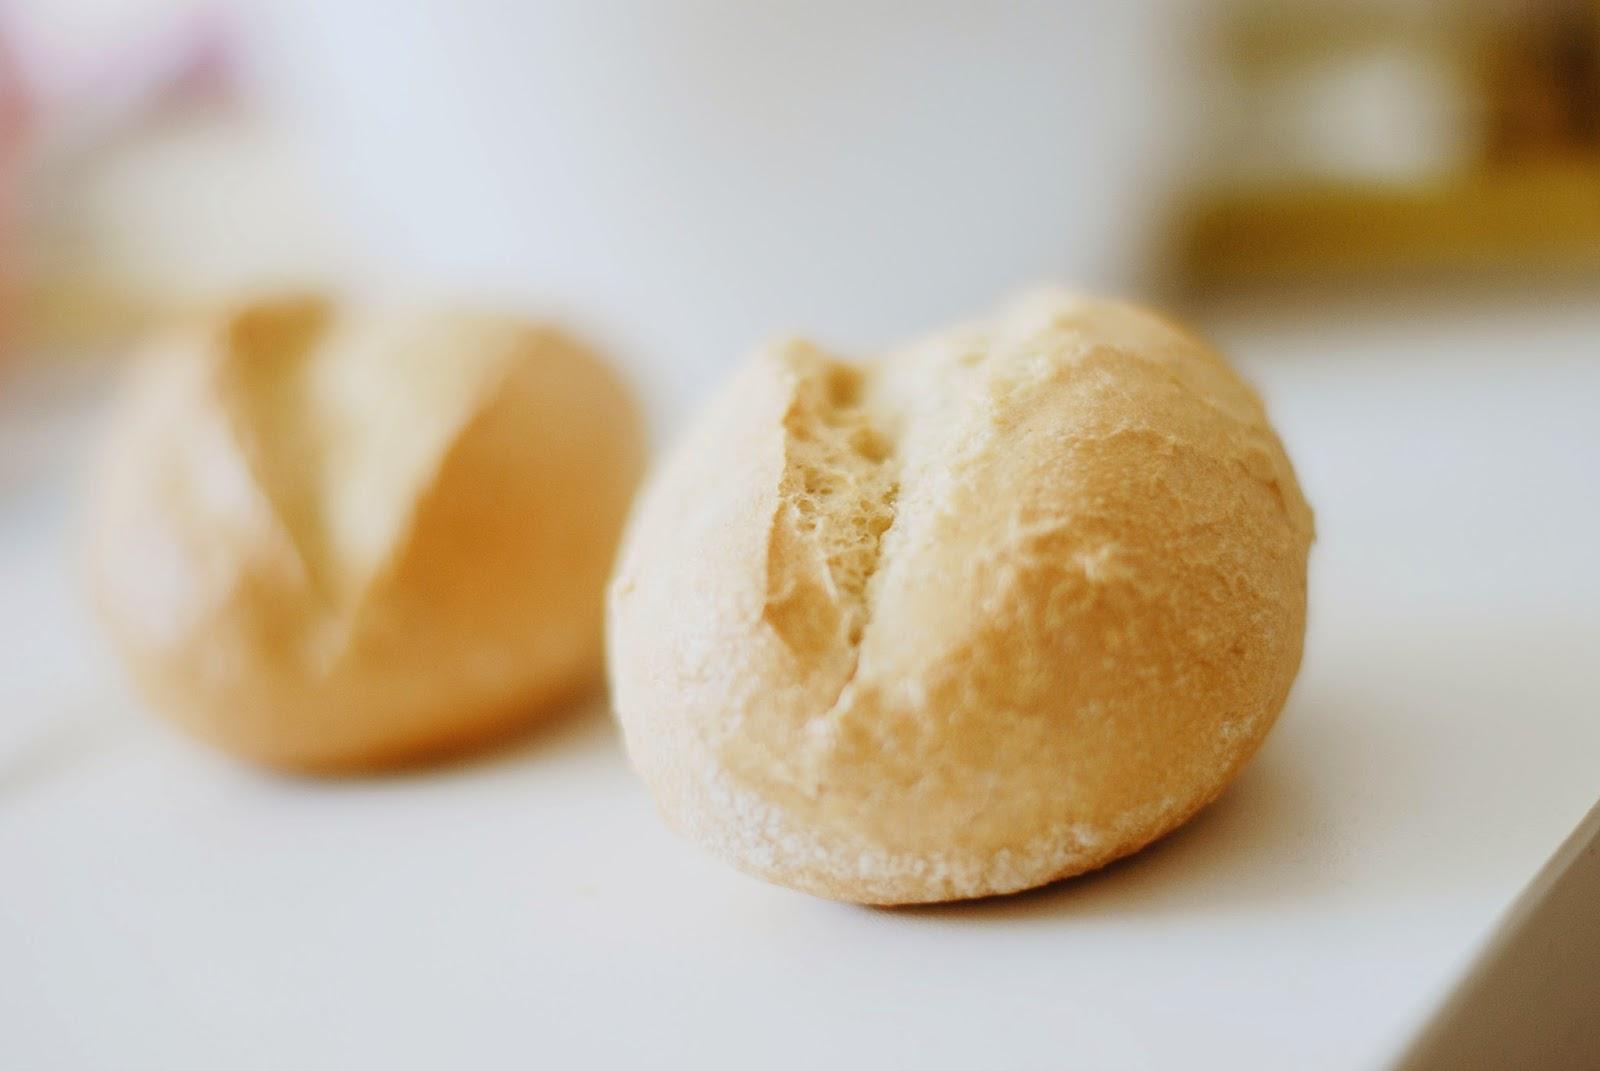 Harte Brötchen - So erweckt man Teigsteinchen wieder zum Leben